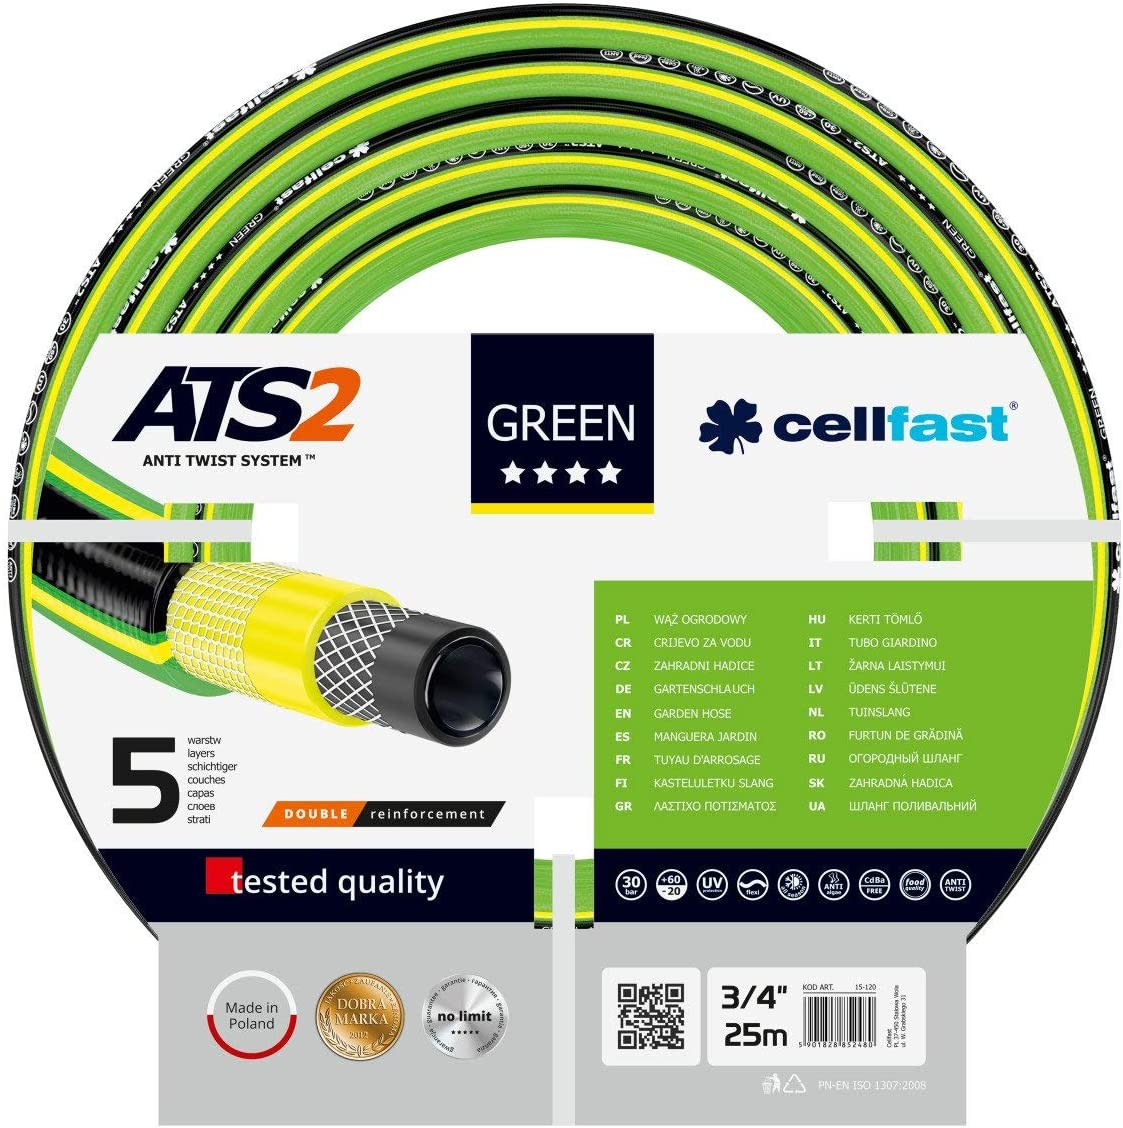 Cellfast GREEN Garden Hose